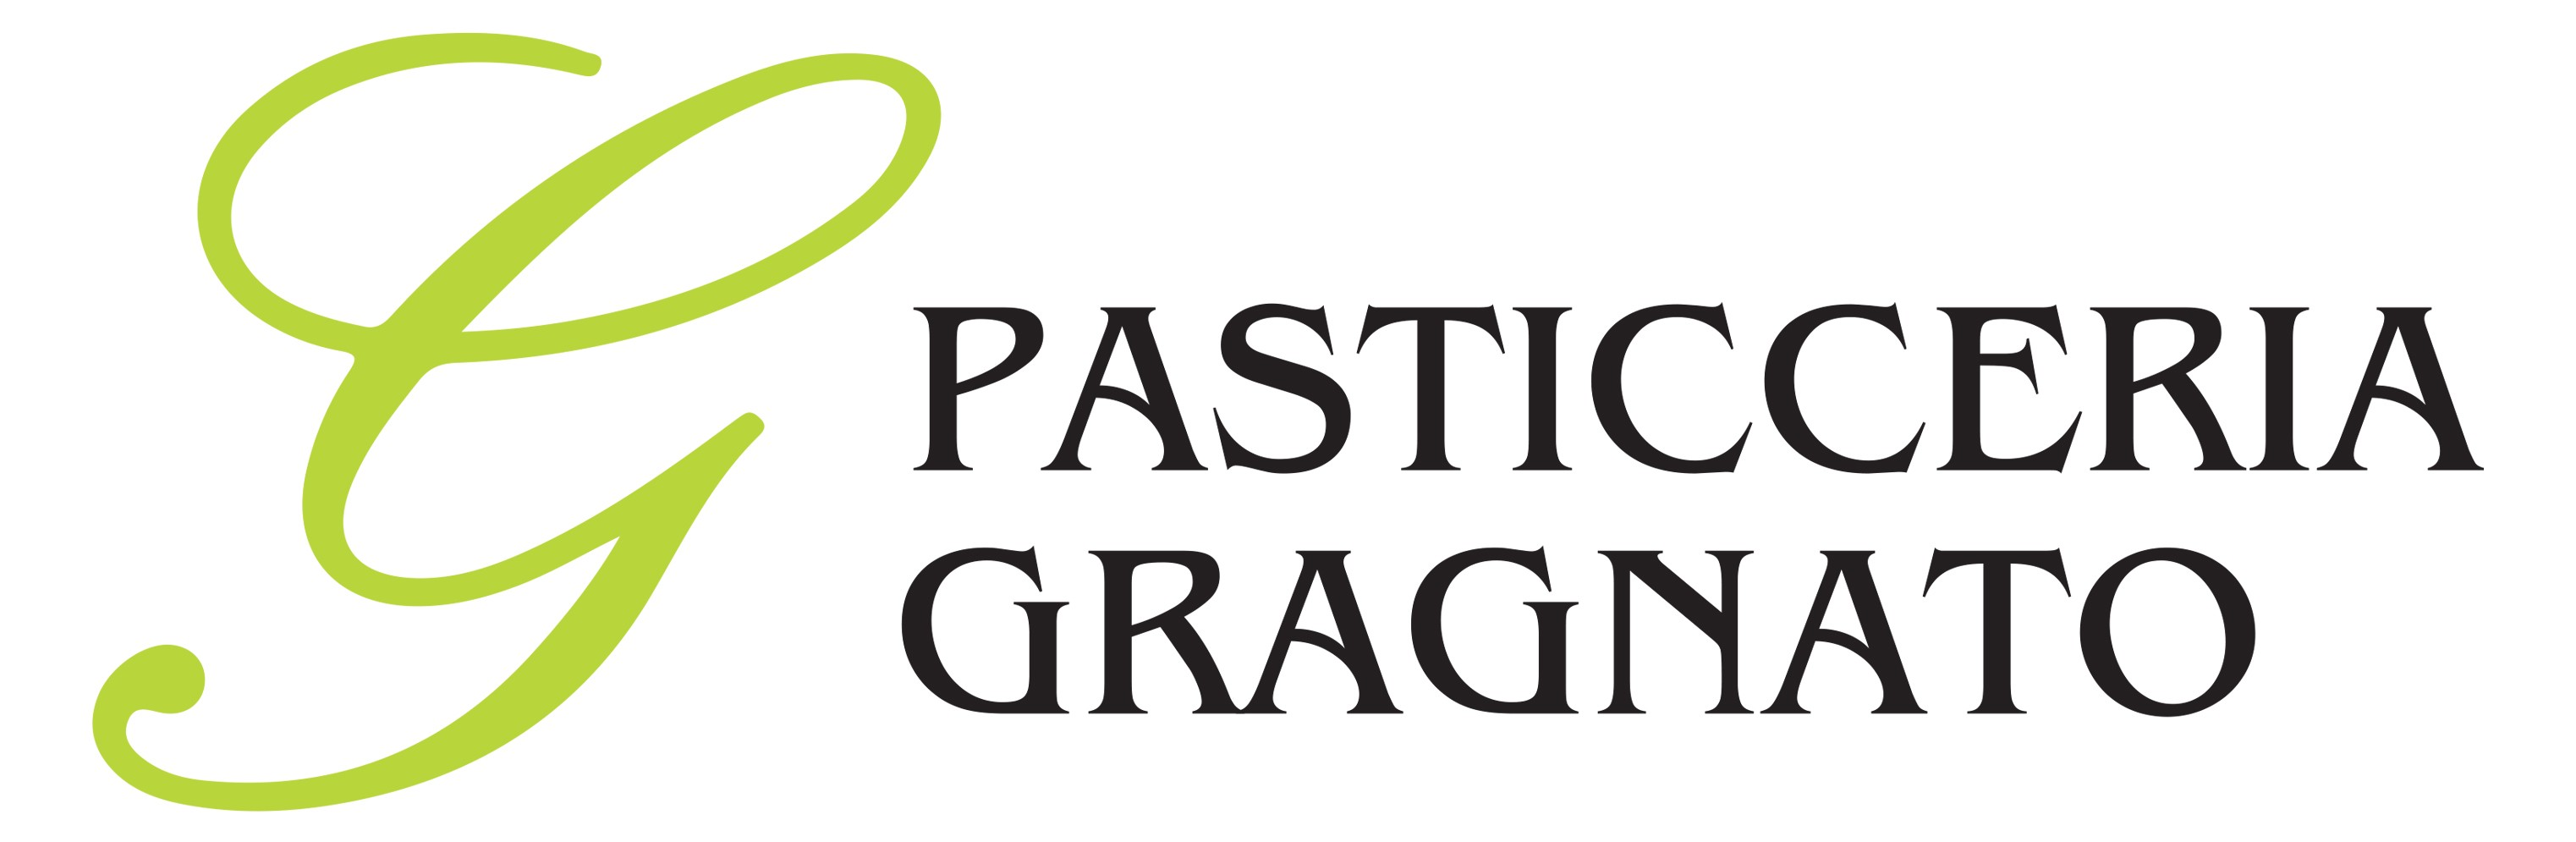 Pasticceria Gragnato Store